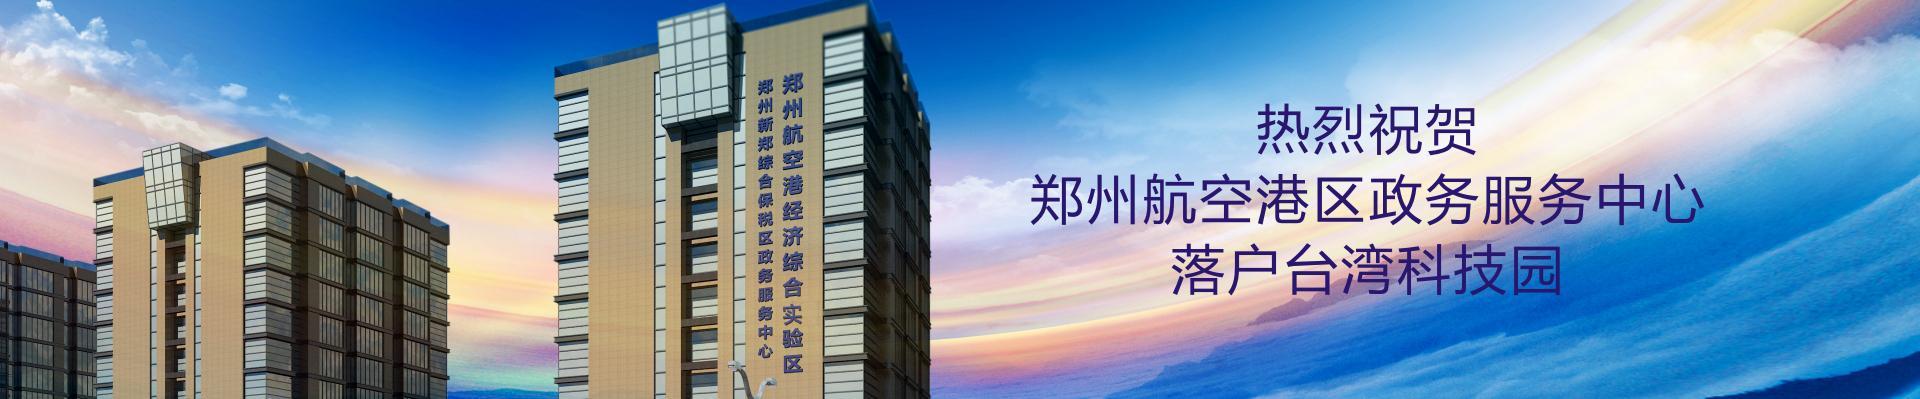 港区政务服务中心